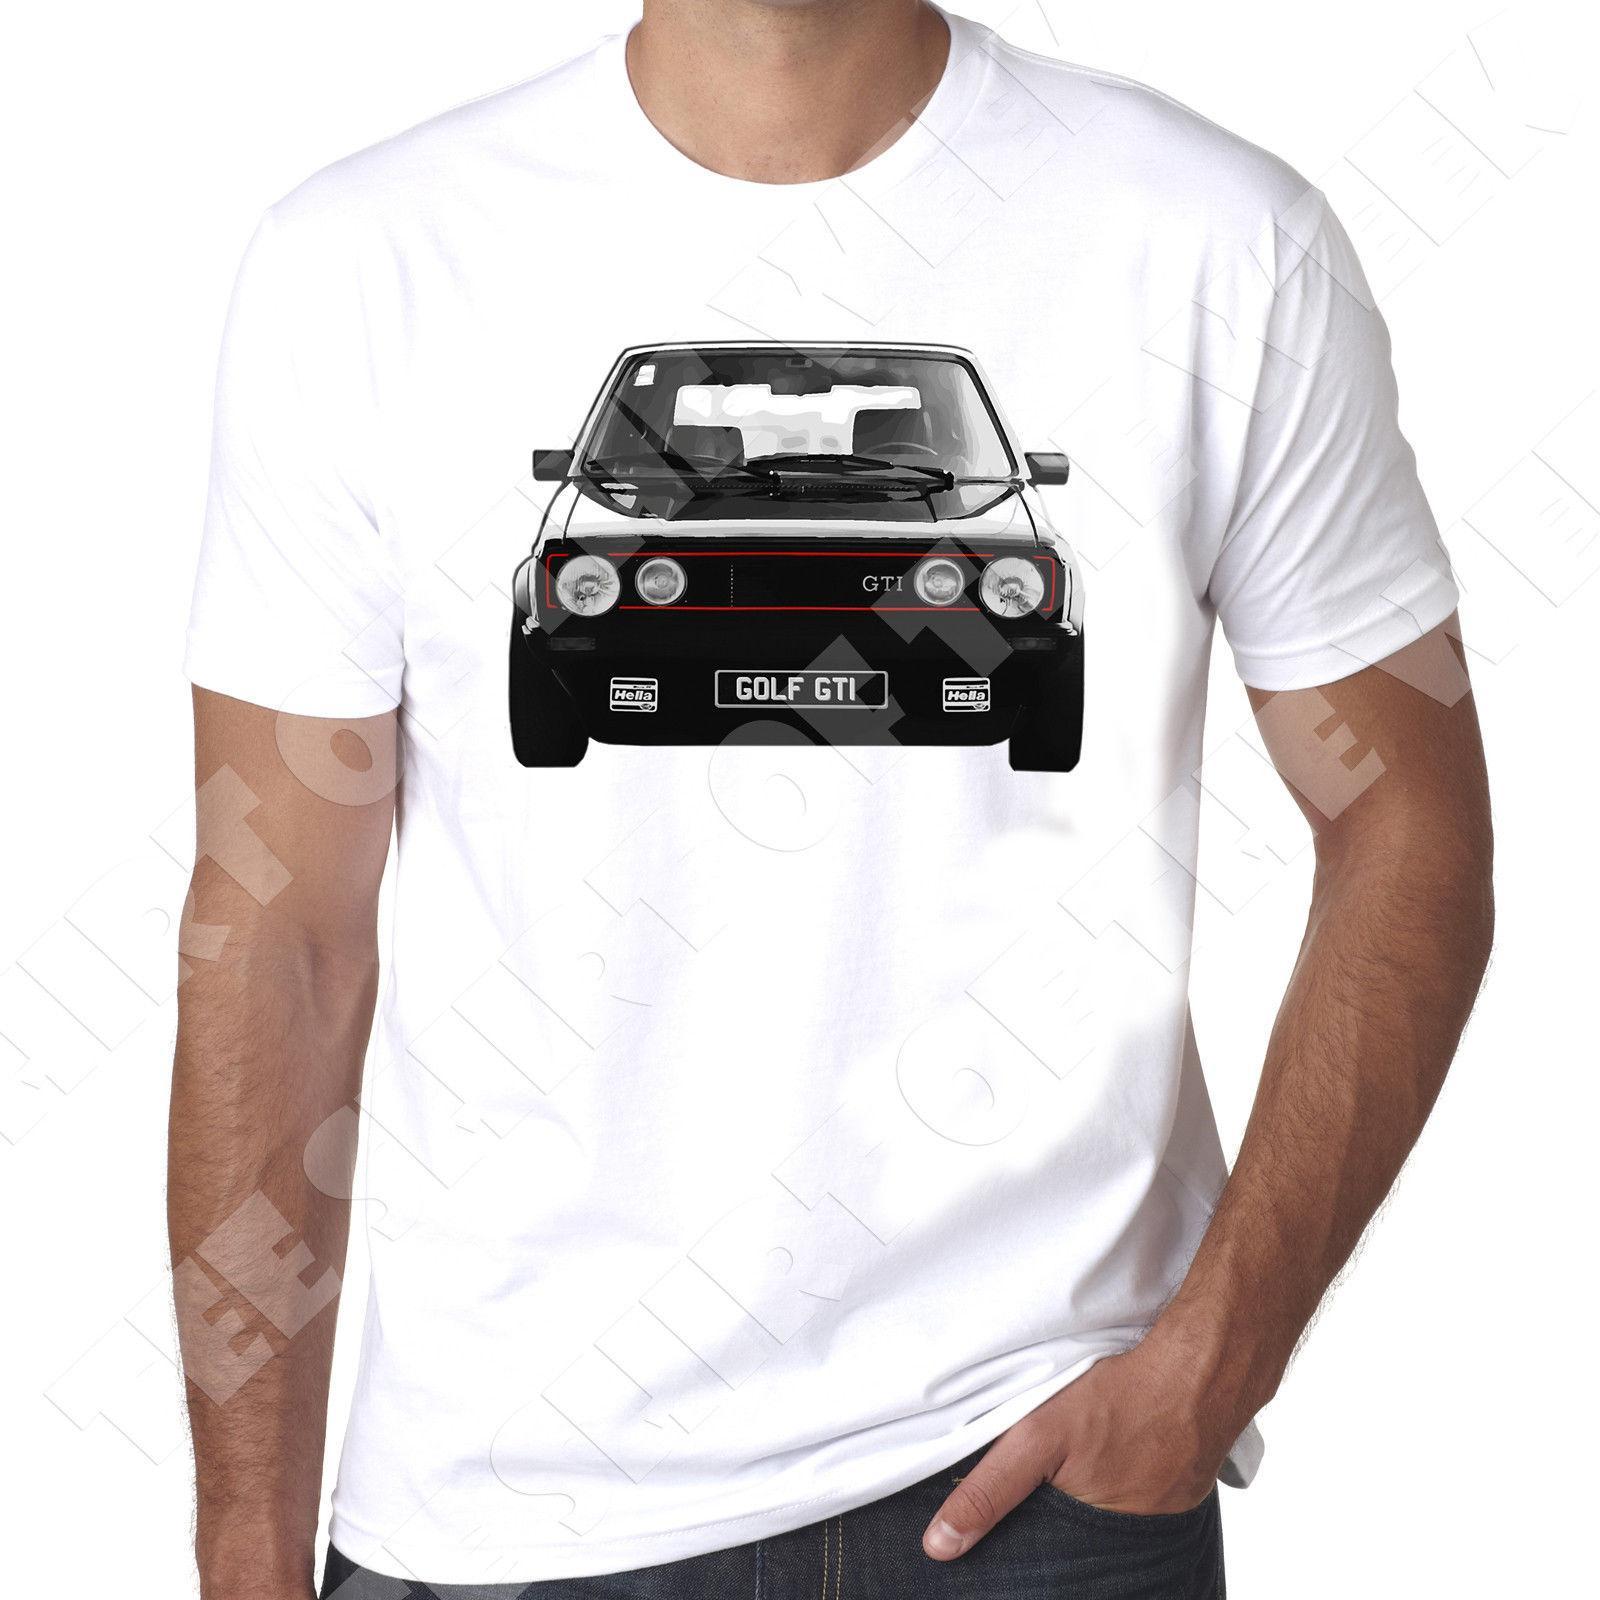 8135ca813cfb8 Acquista Gti Mk1 Fronte Anteriore Nero Golf T Shirt Bianca Stampata Da Uomo  100% Cotone 2018 T Shirt Da Uomo In Cotone A Manica Corta Da Uomo A  11.01  Dal ...